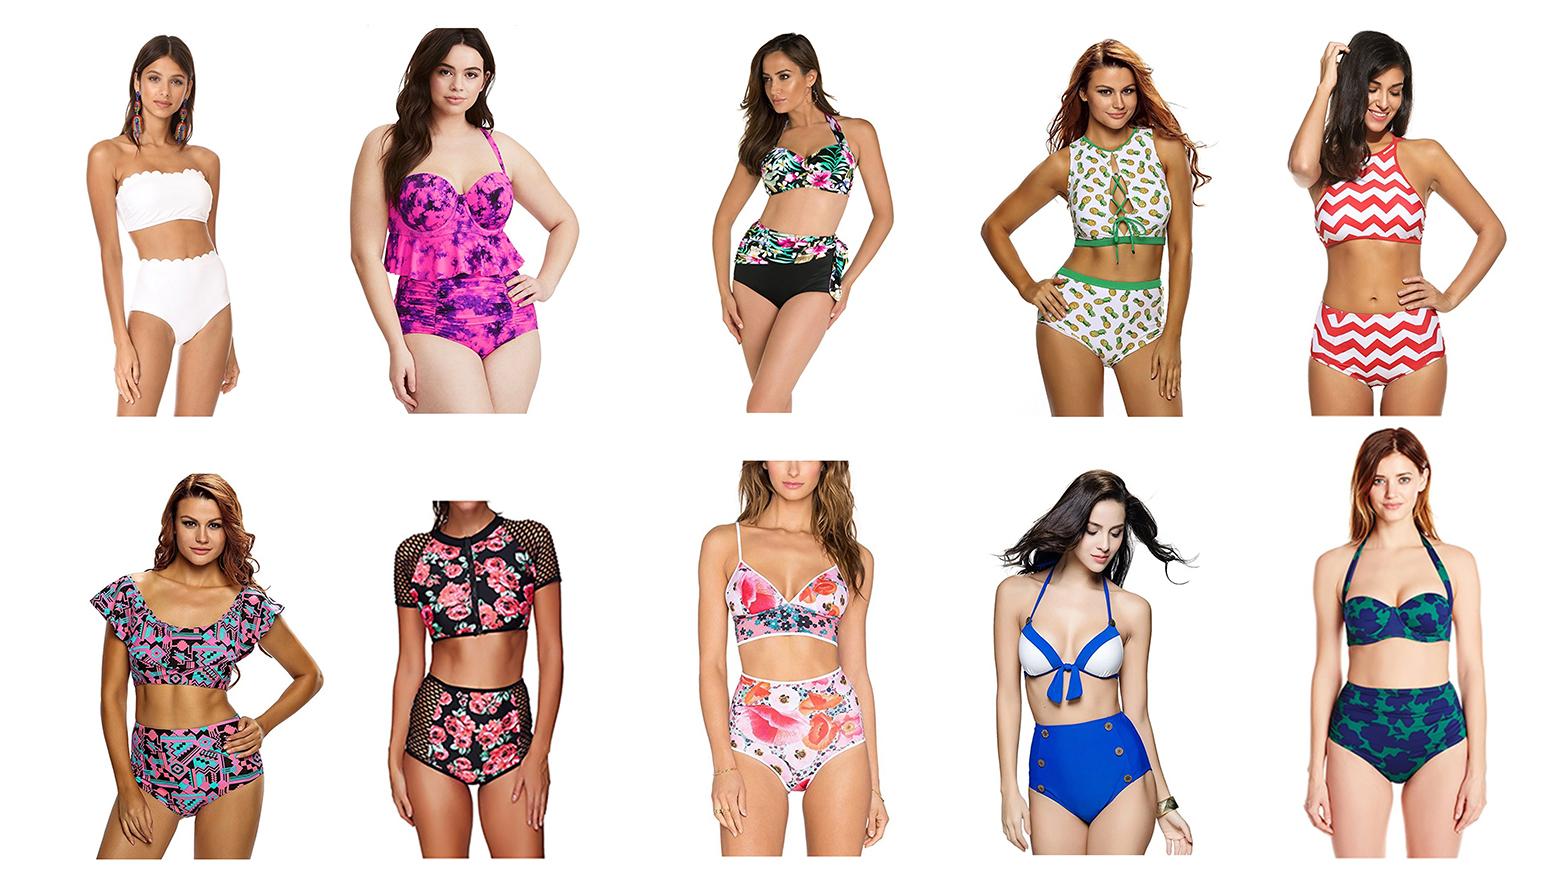 high waisted bikini, high waisted swimsuits, high waisted bathing suits, high waisted swimsuit, high waist bikini